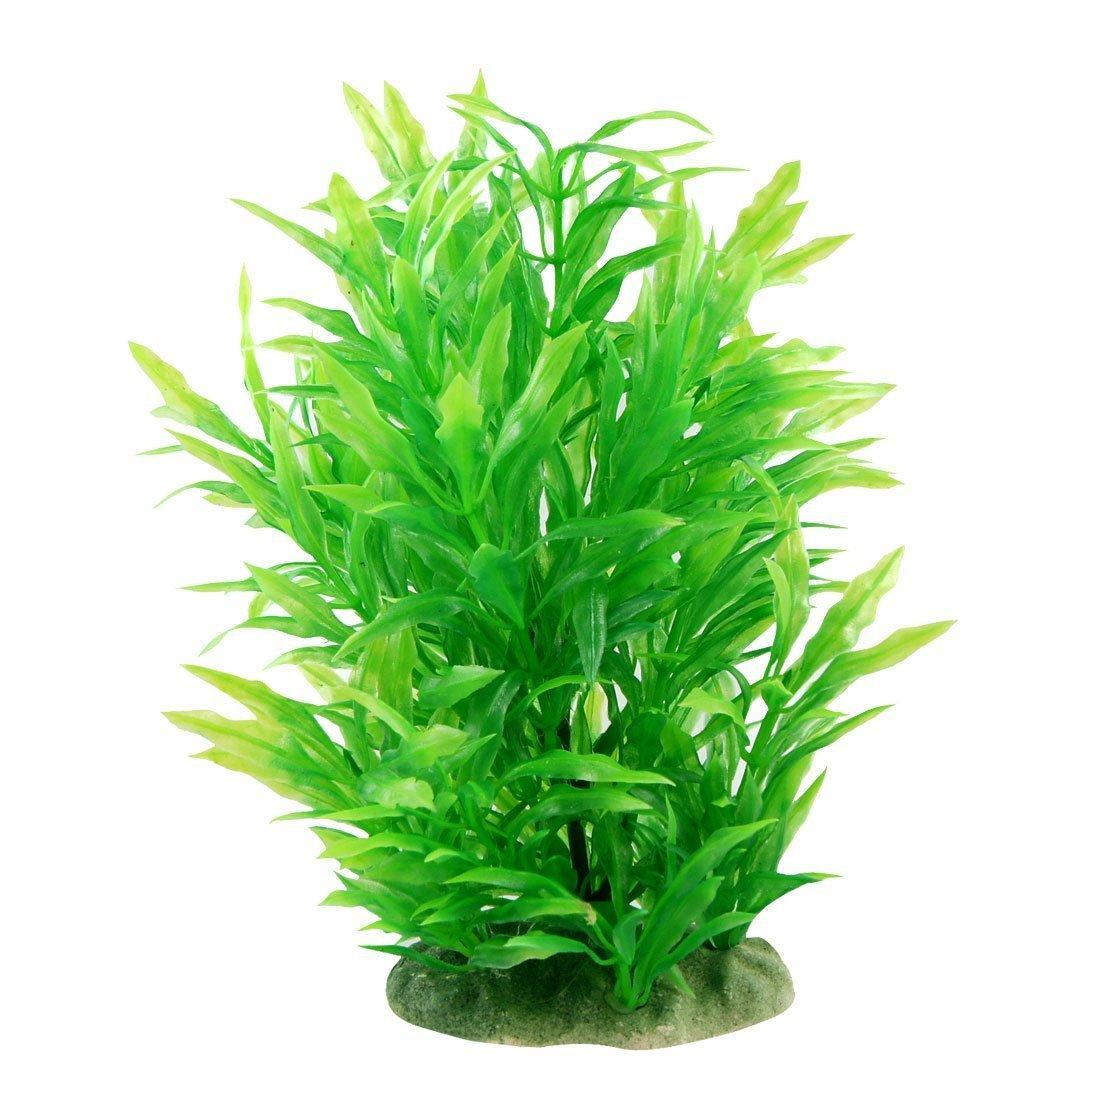 (23cm Green) CNZ Aquarium Decor Fish Tank Decoration Ornament Artificial Plastic Plant Green